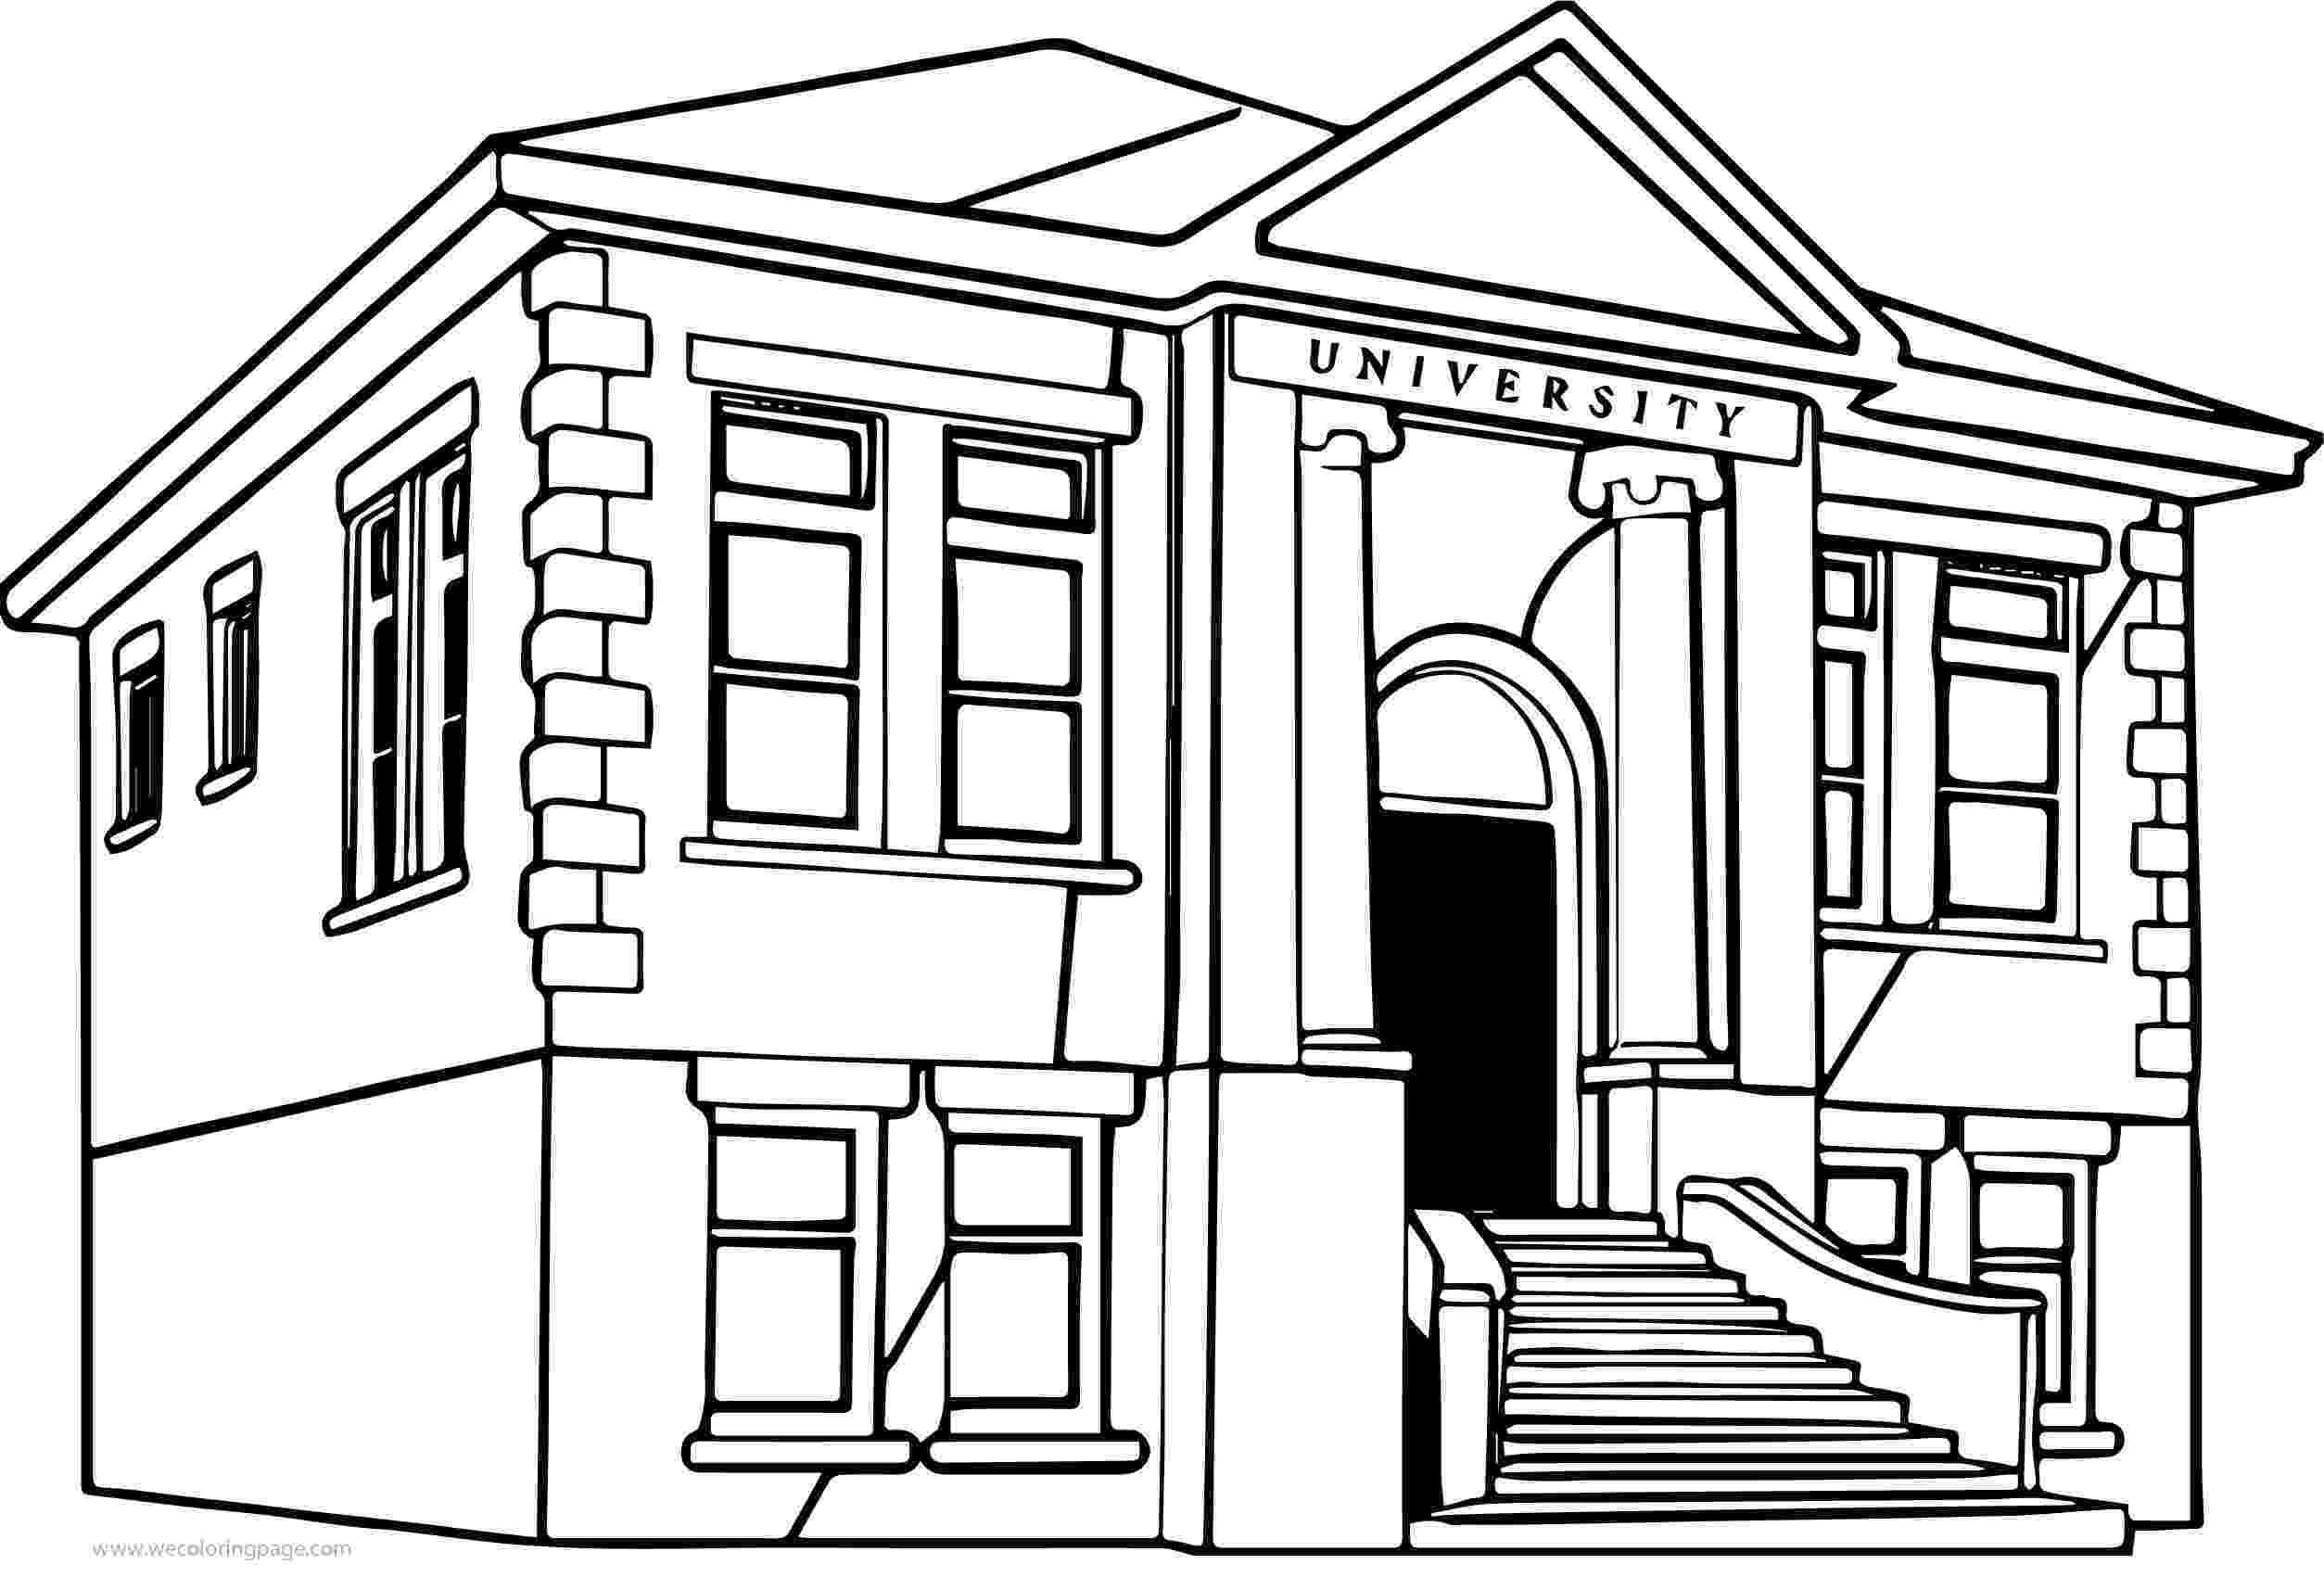 school building coloring pages school building coloring page classes coloring page for pages building coloring school